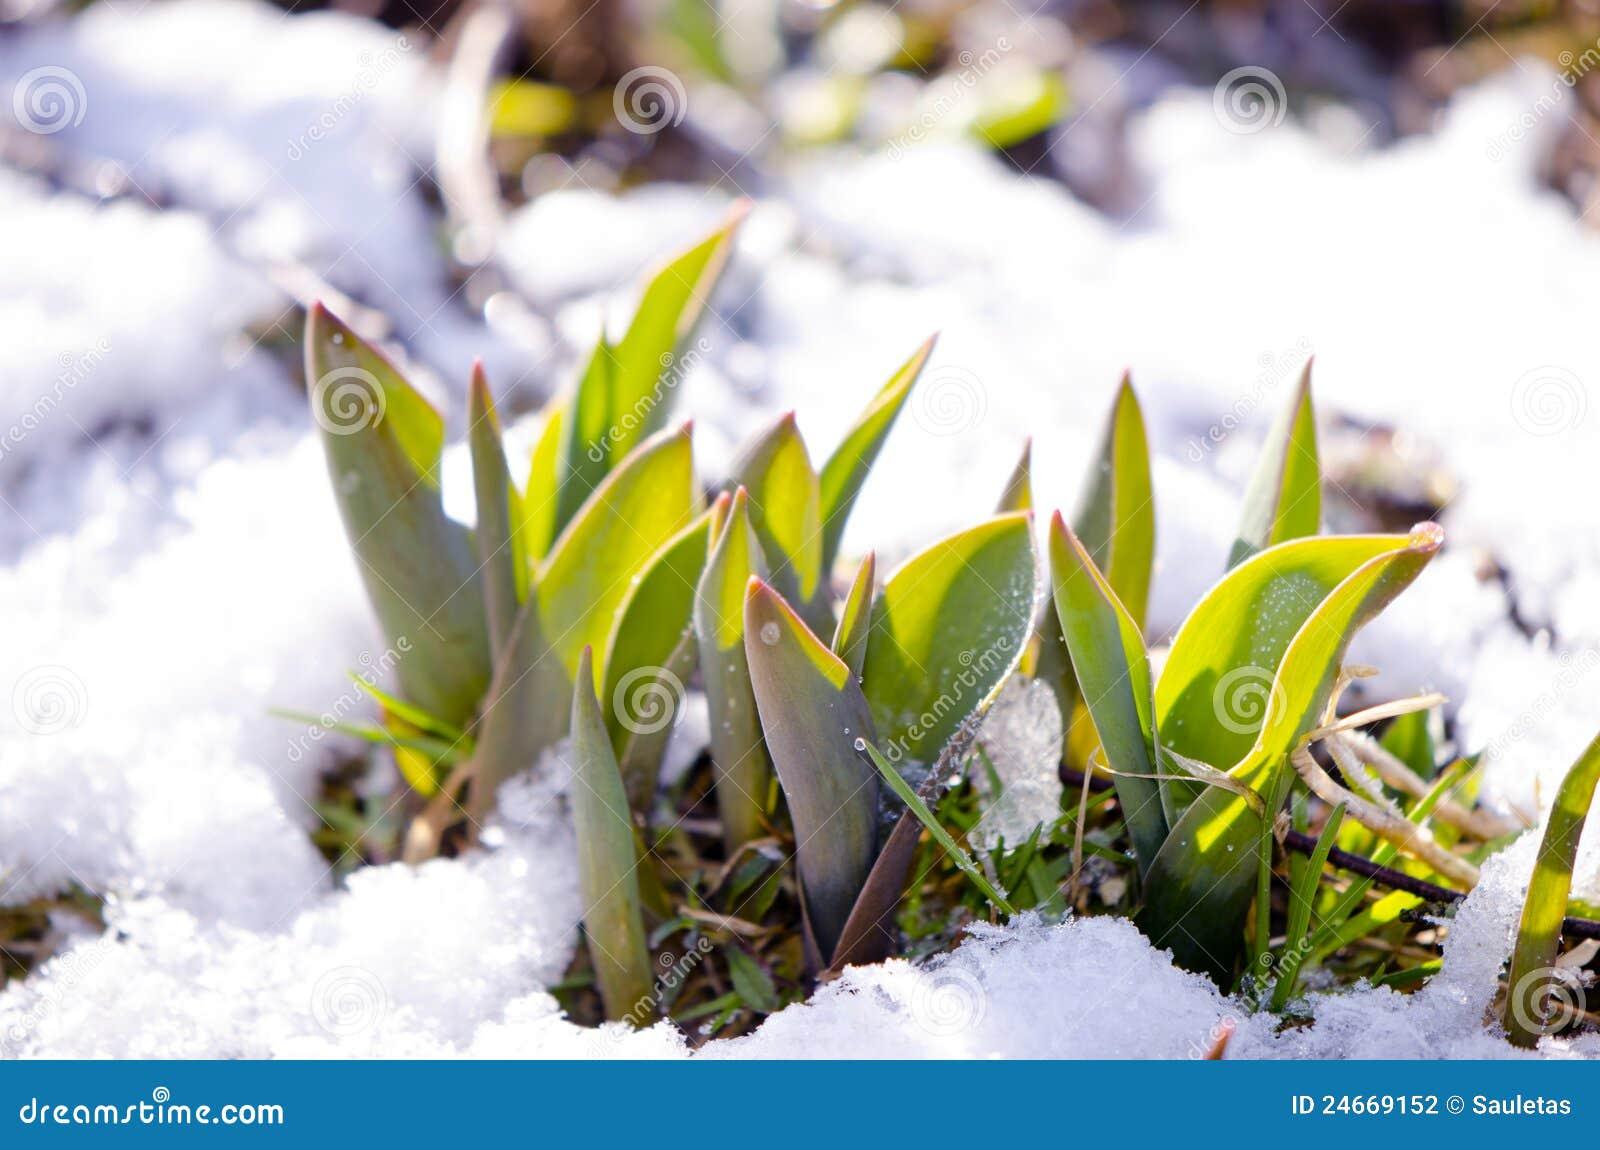 Tulip leaves between melting snow in spring